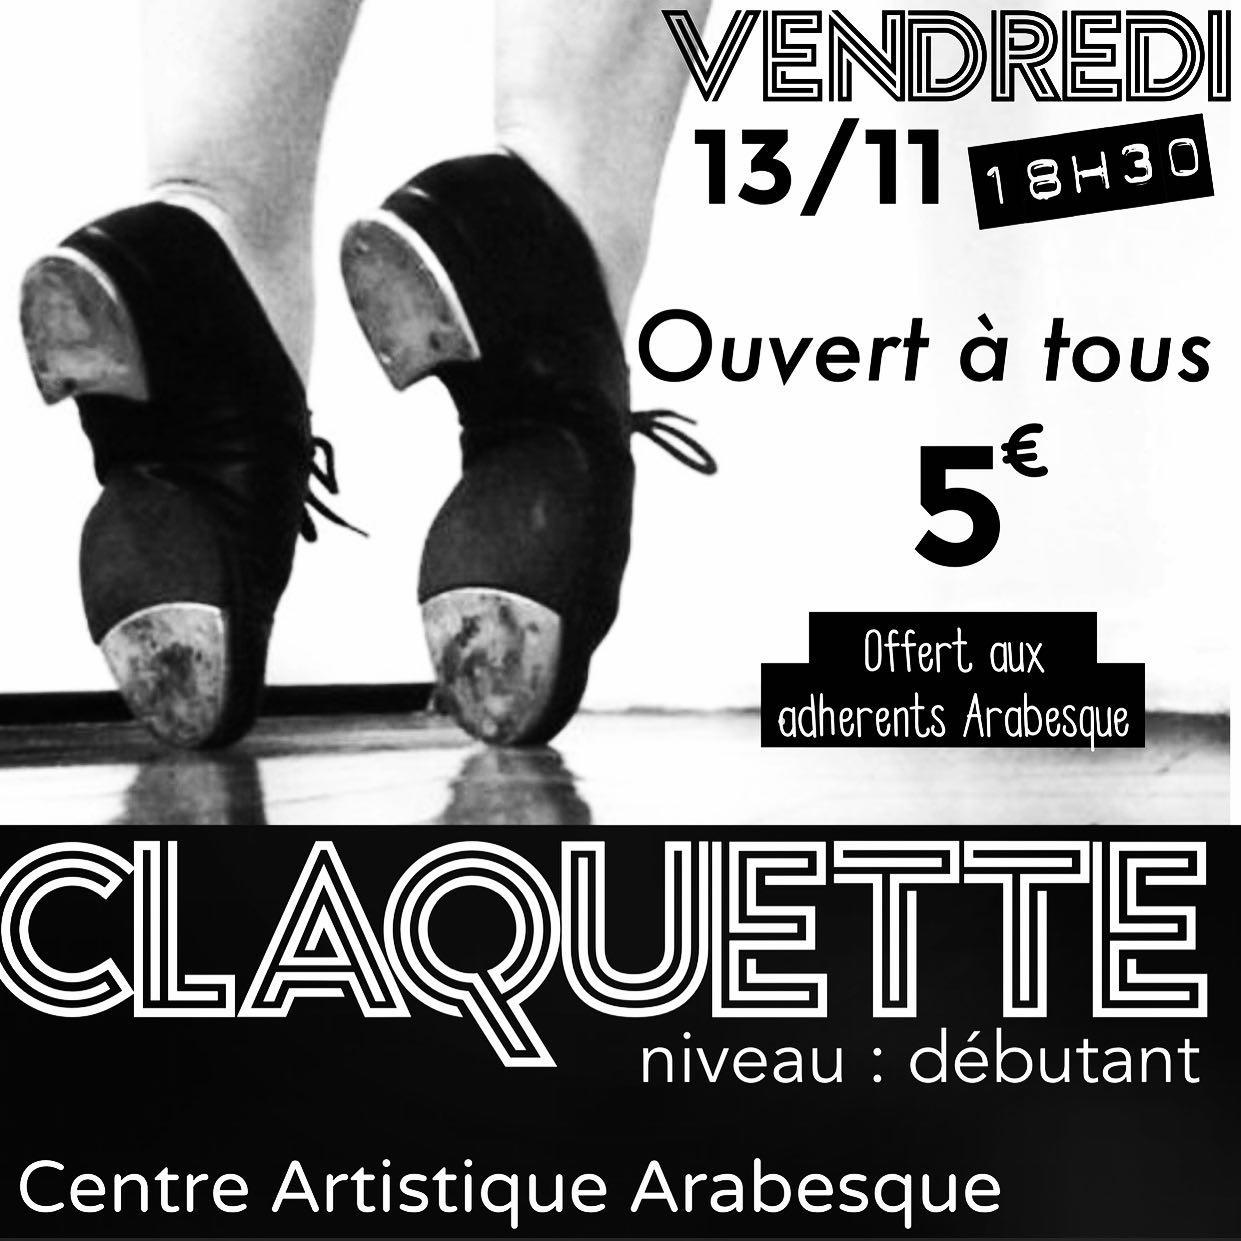 centre artistique arabesque ecole danse etampes stage gratuit claquette en visio